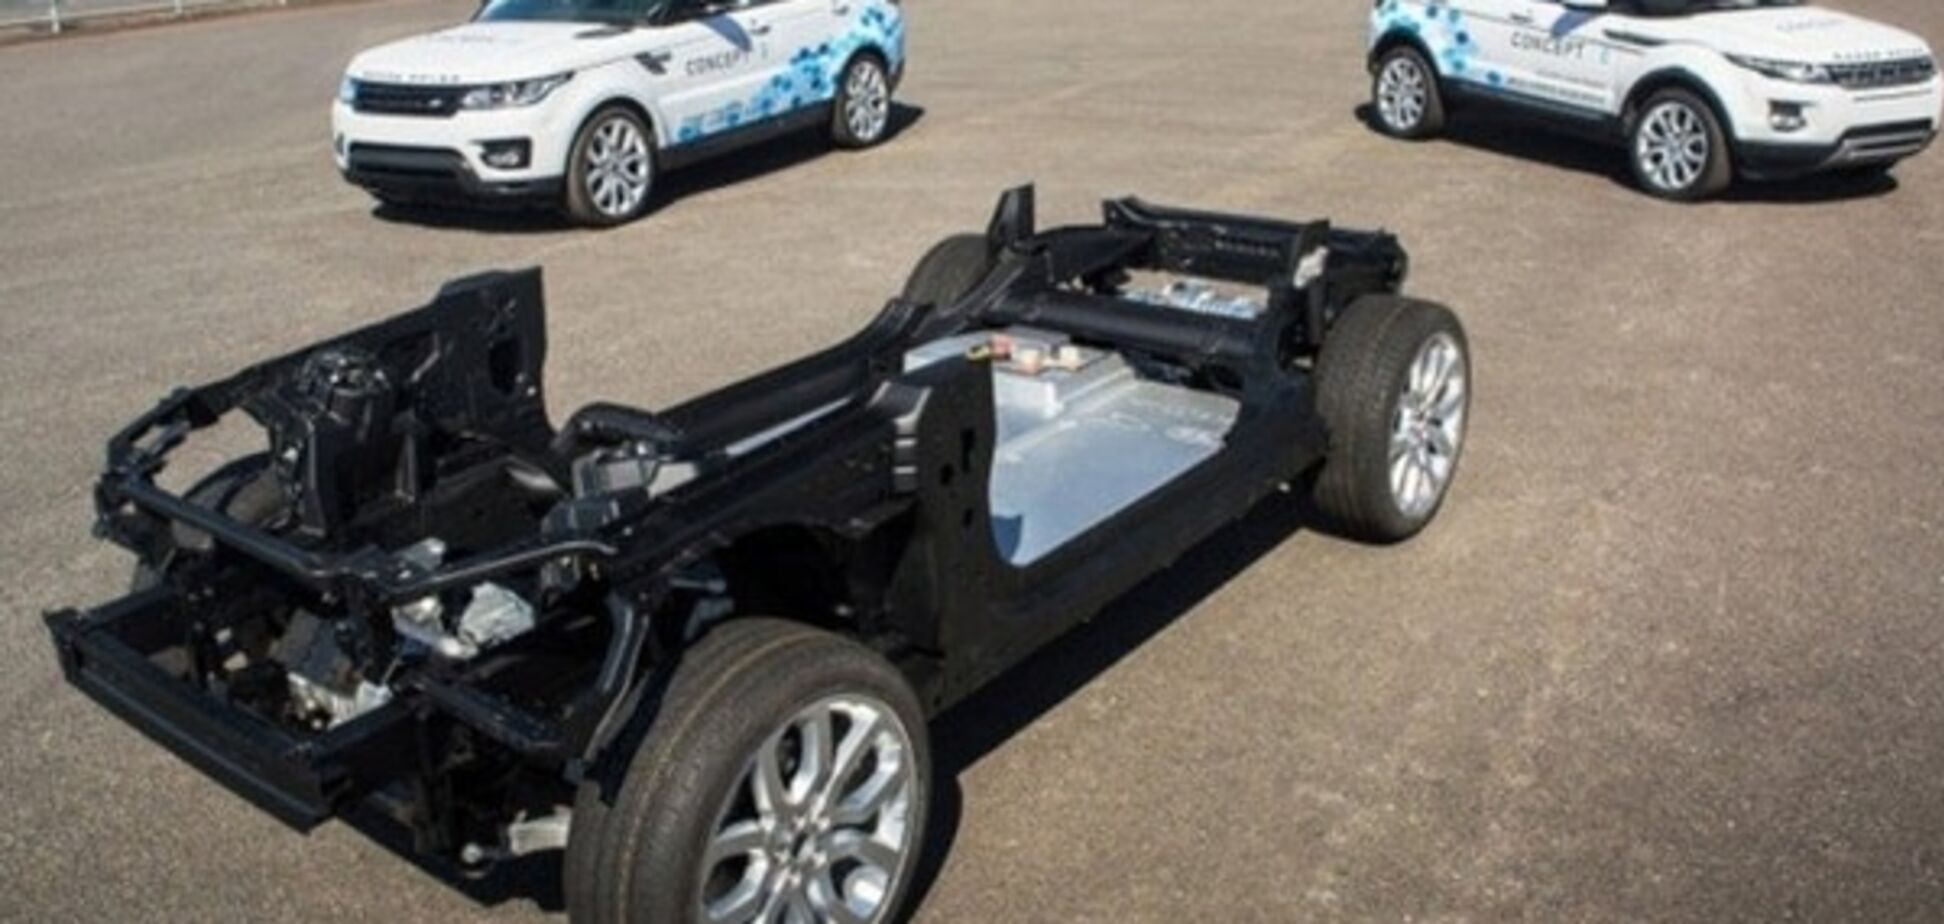 Минимум бензина, максимум электричества: Jaguar Land Rover уходит в гибриды